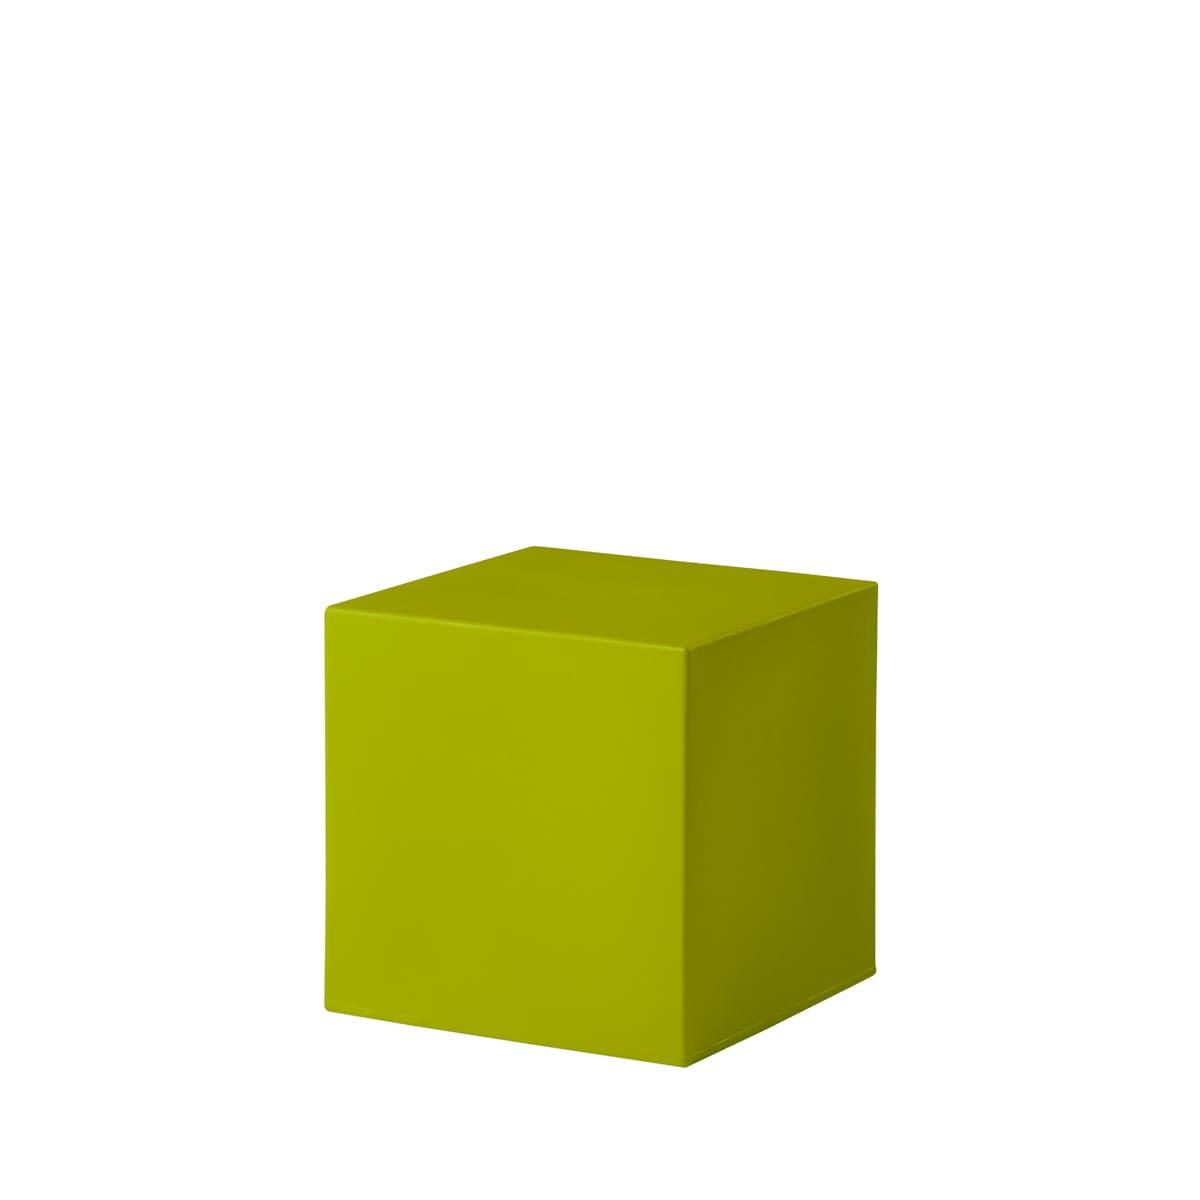 cube würfel grün Bunte Wuerfel Outdoor - Cube Würfel beleuchtet